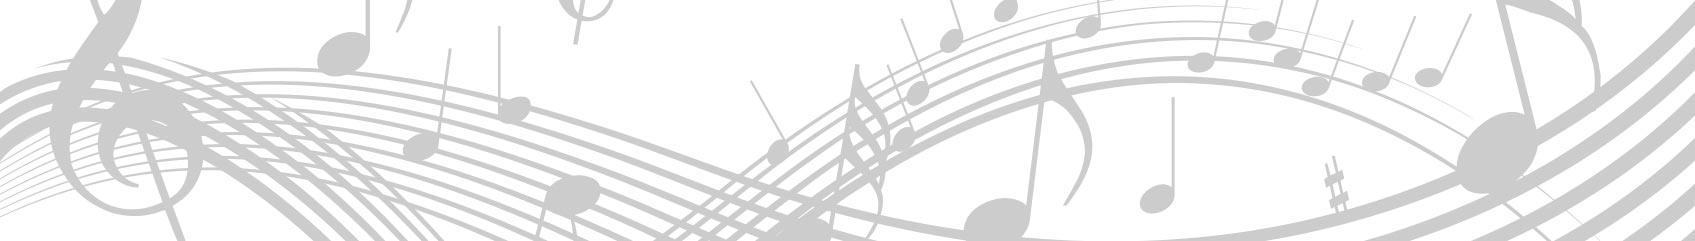 matrimonio-tema-musica